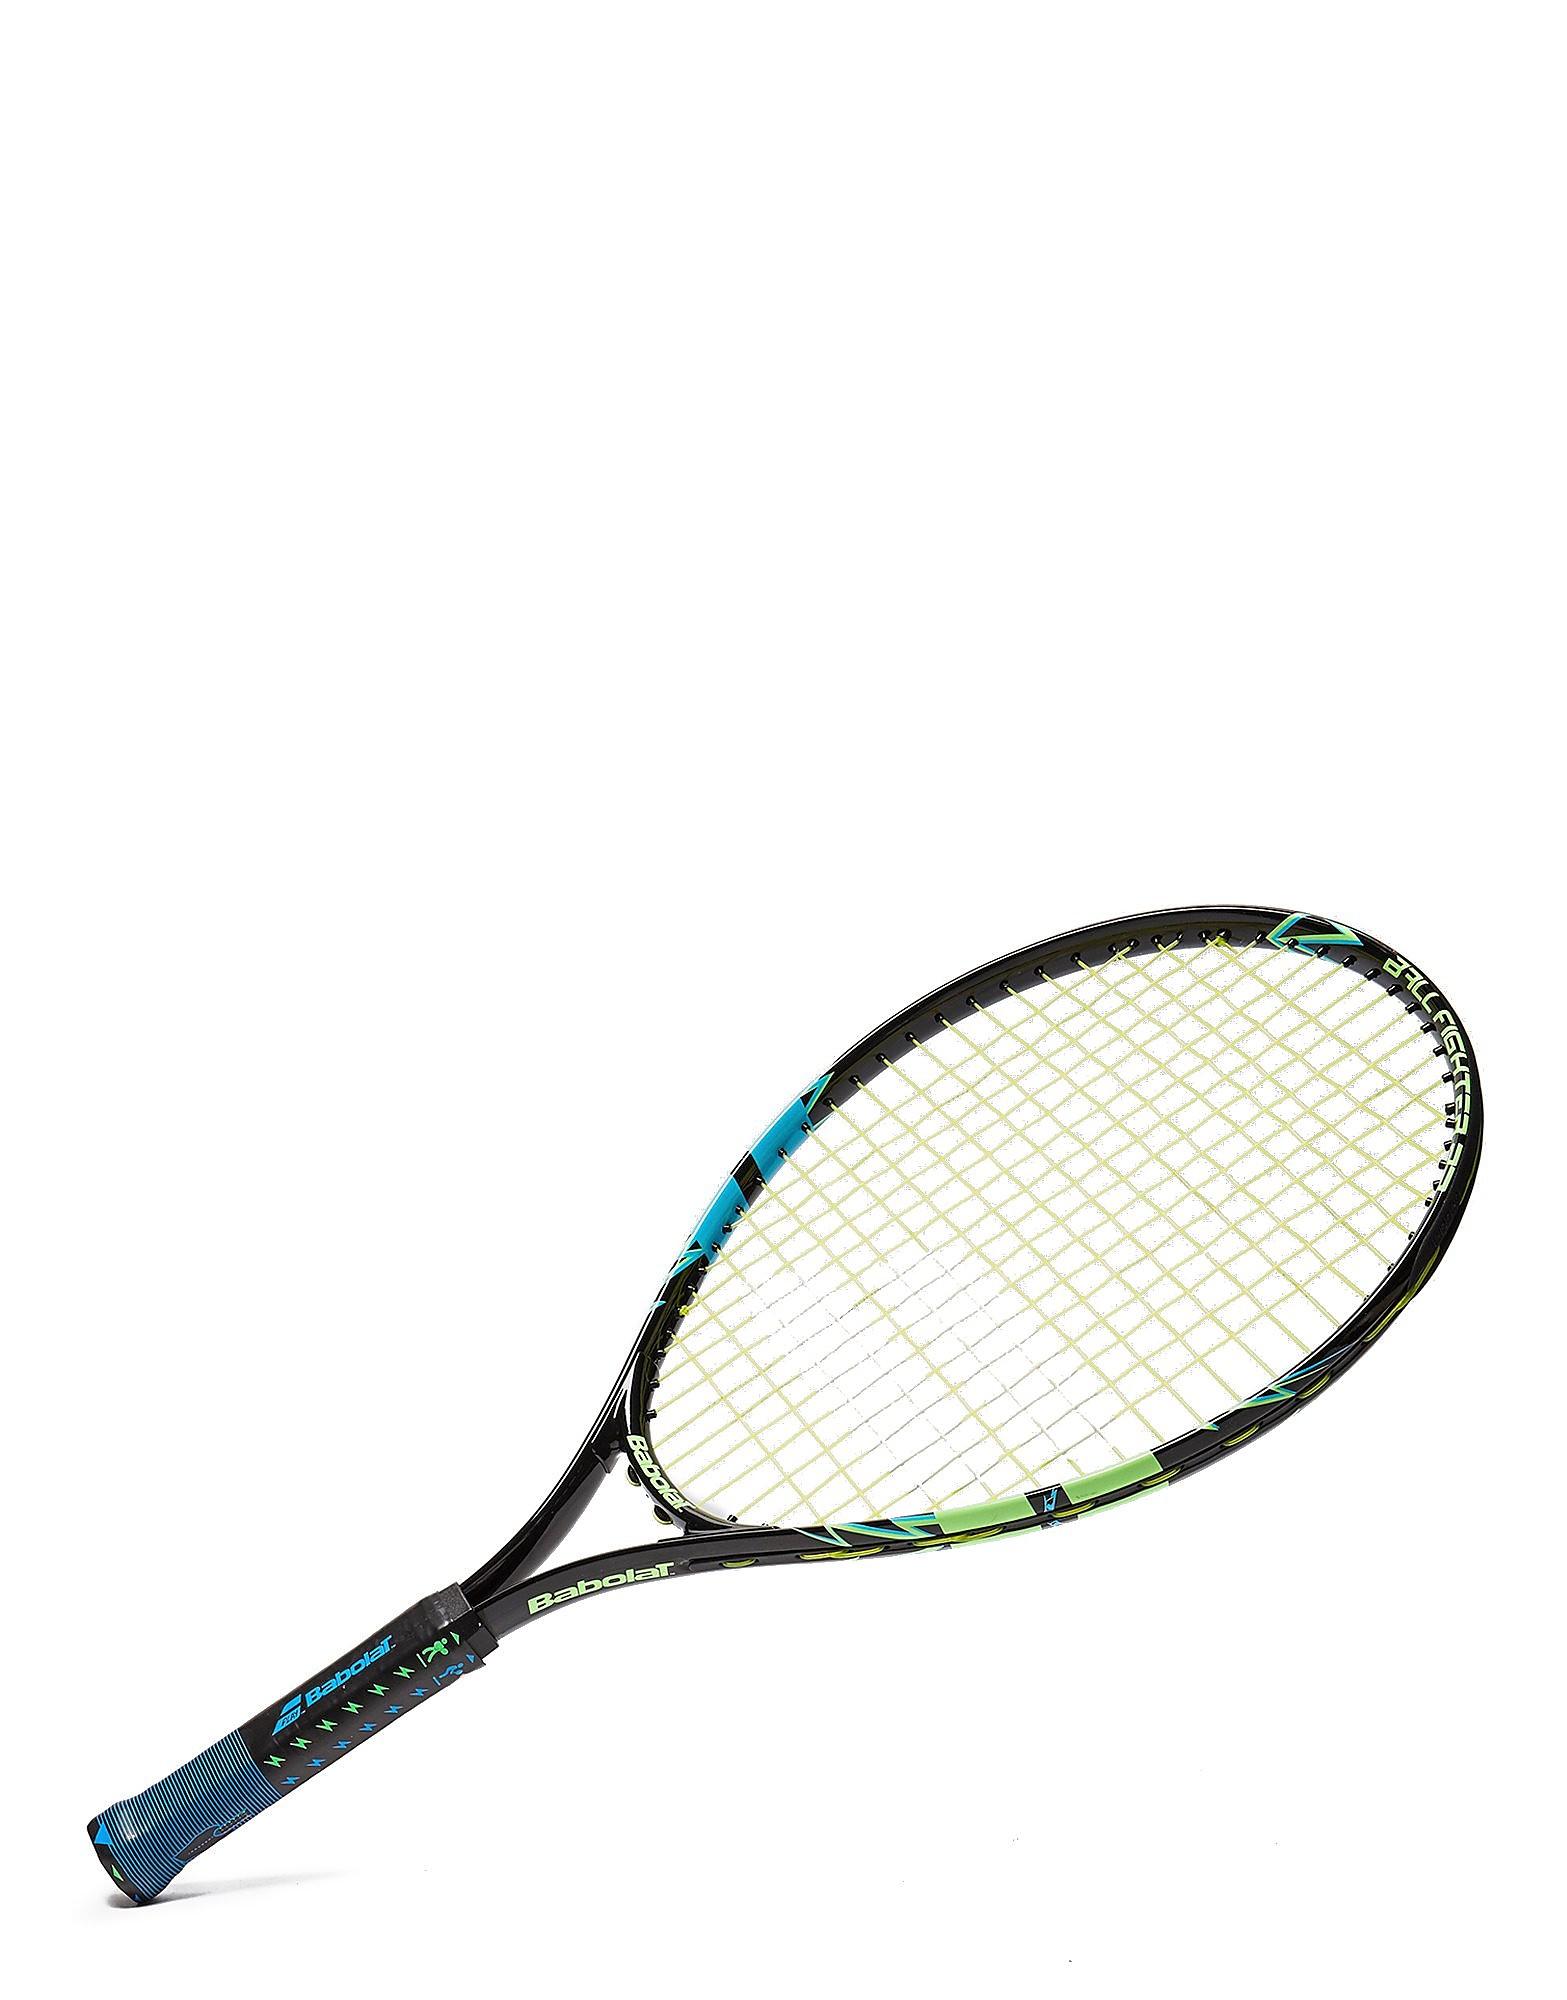 Babolat Ballfighter 23 Tennis Racket Junior